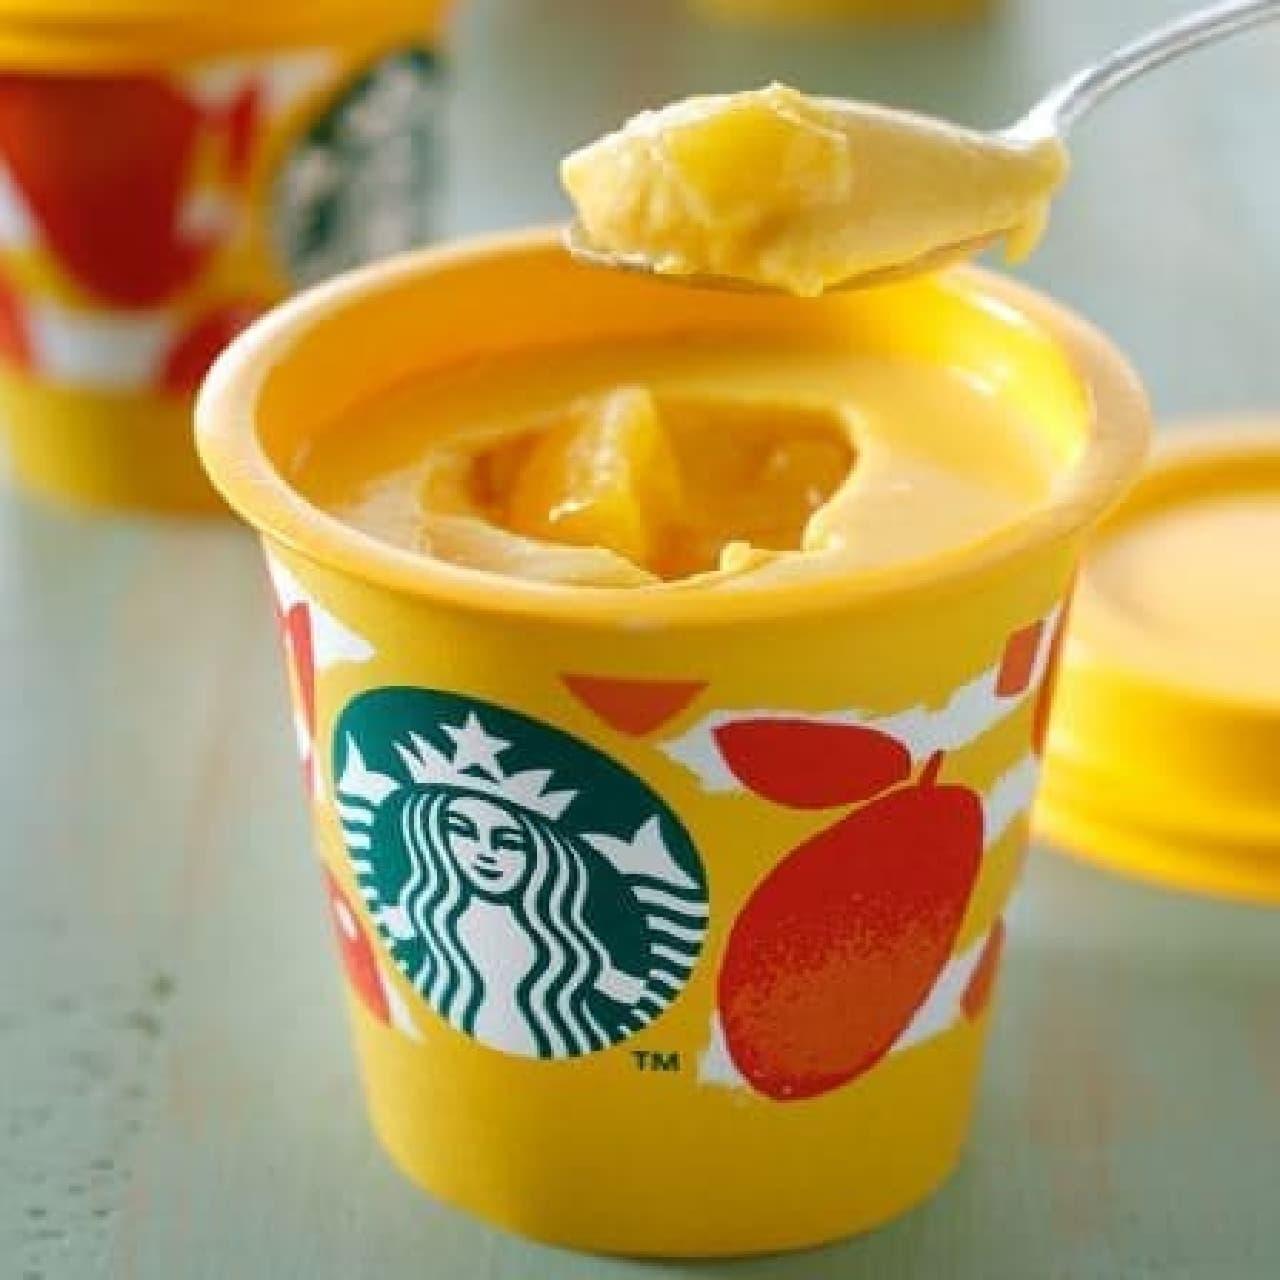 スターバックスコーヒー「マンゴー&パッションフルーツプリン」